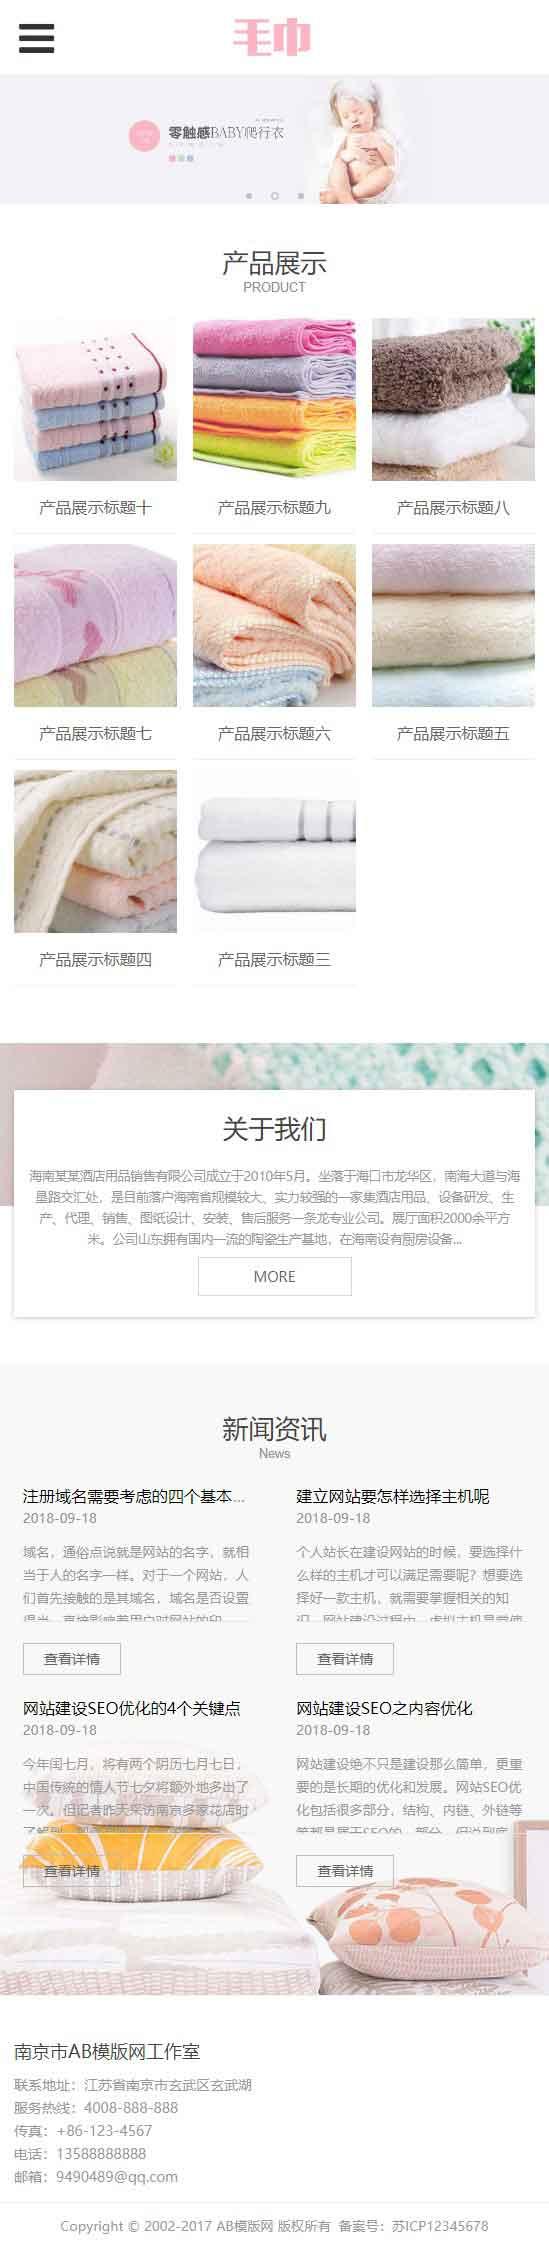 生活用品毛巾企业网站织梦dede模板源码[自适应手机版]插图1